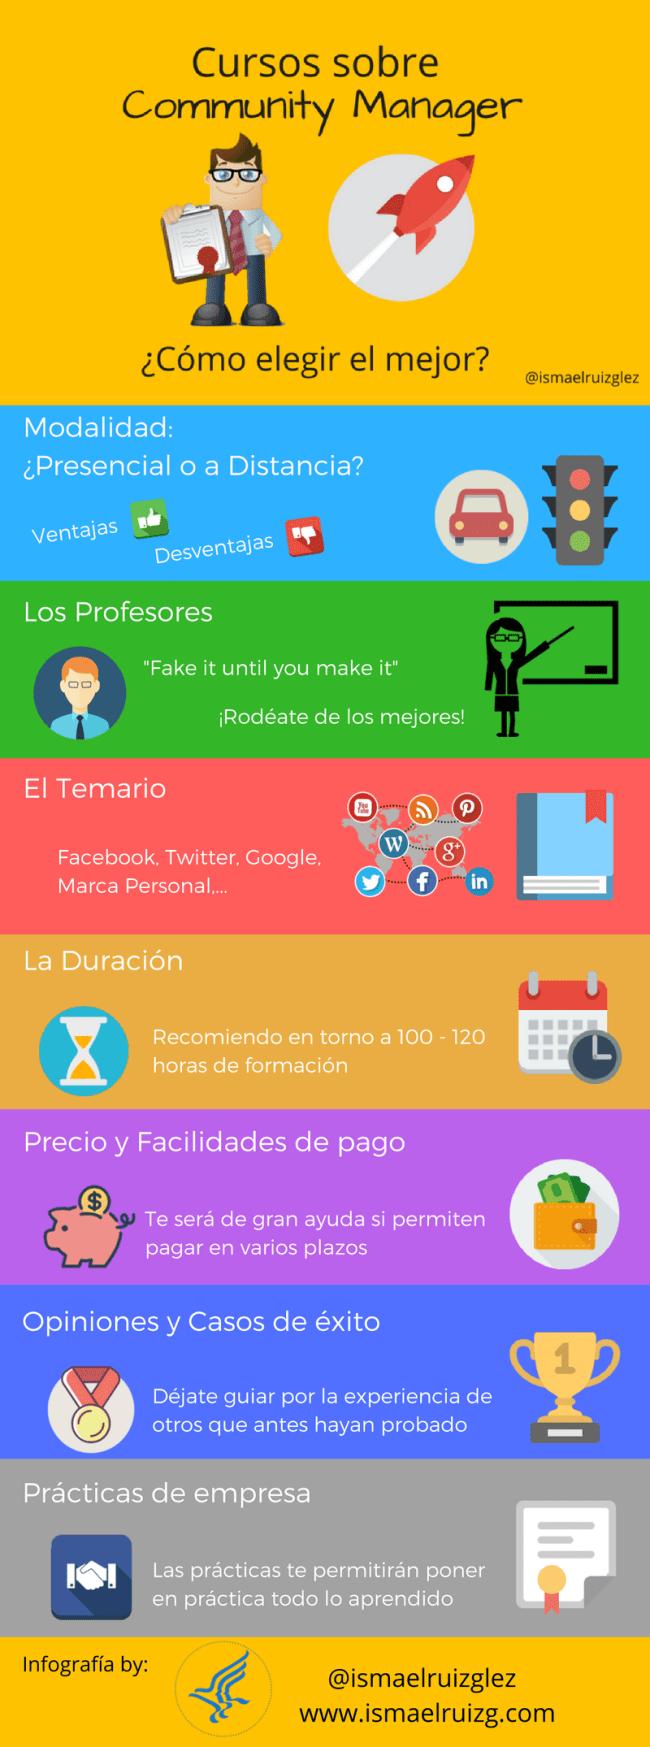 Infografia cursos sobre community manager